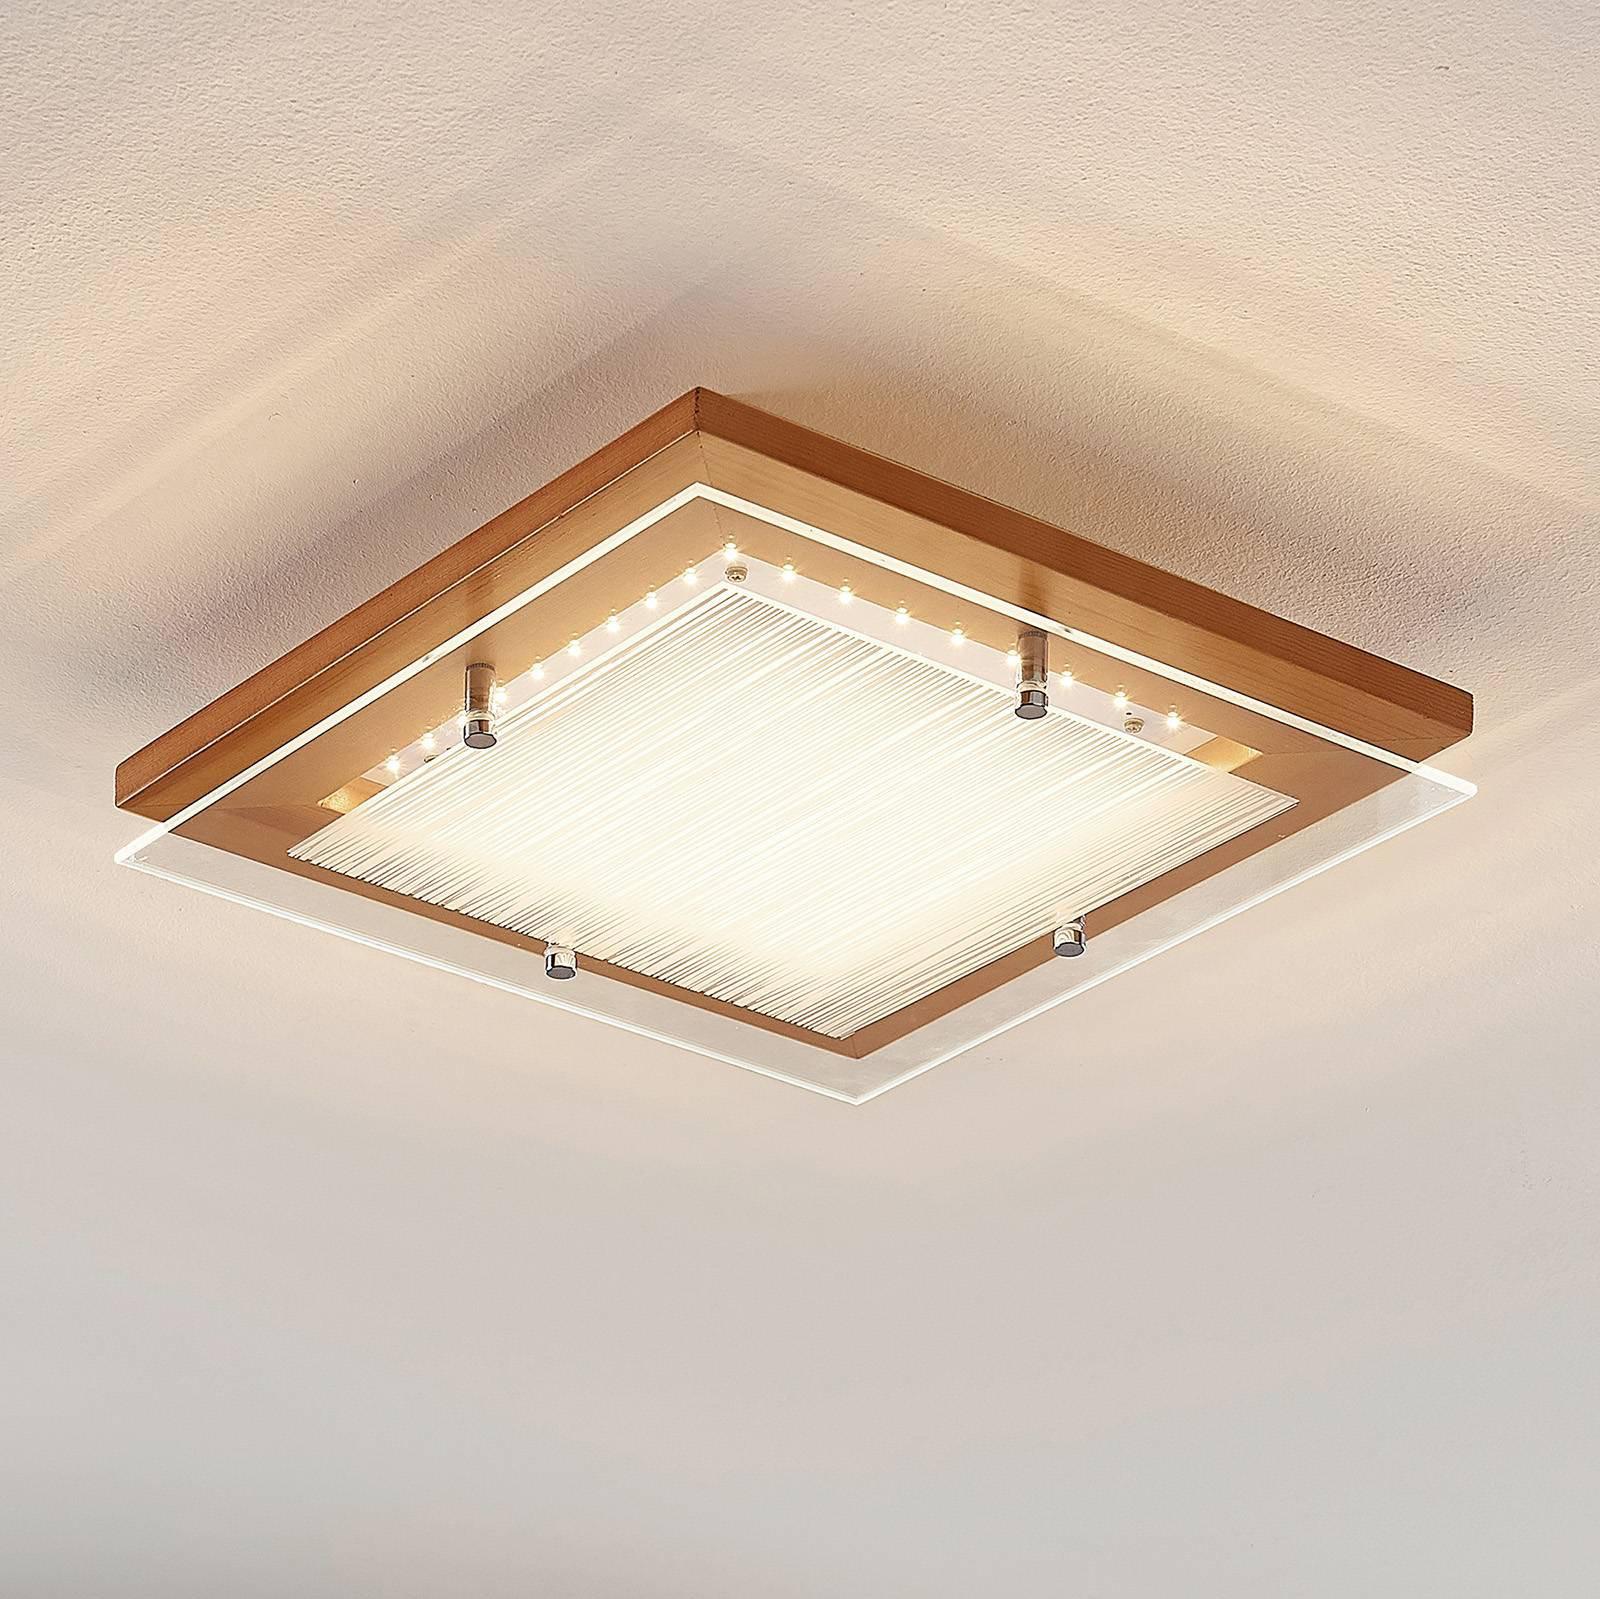 LED-taklampe Cattleya, i tre, 32 cm